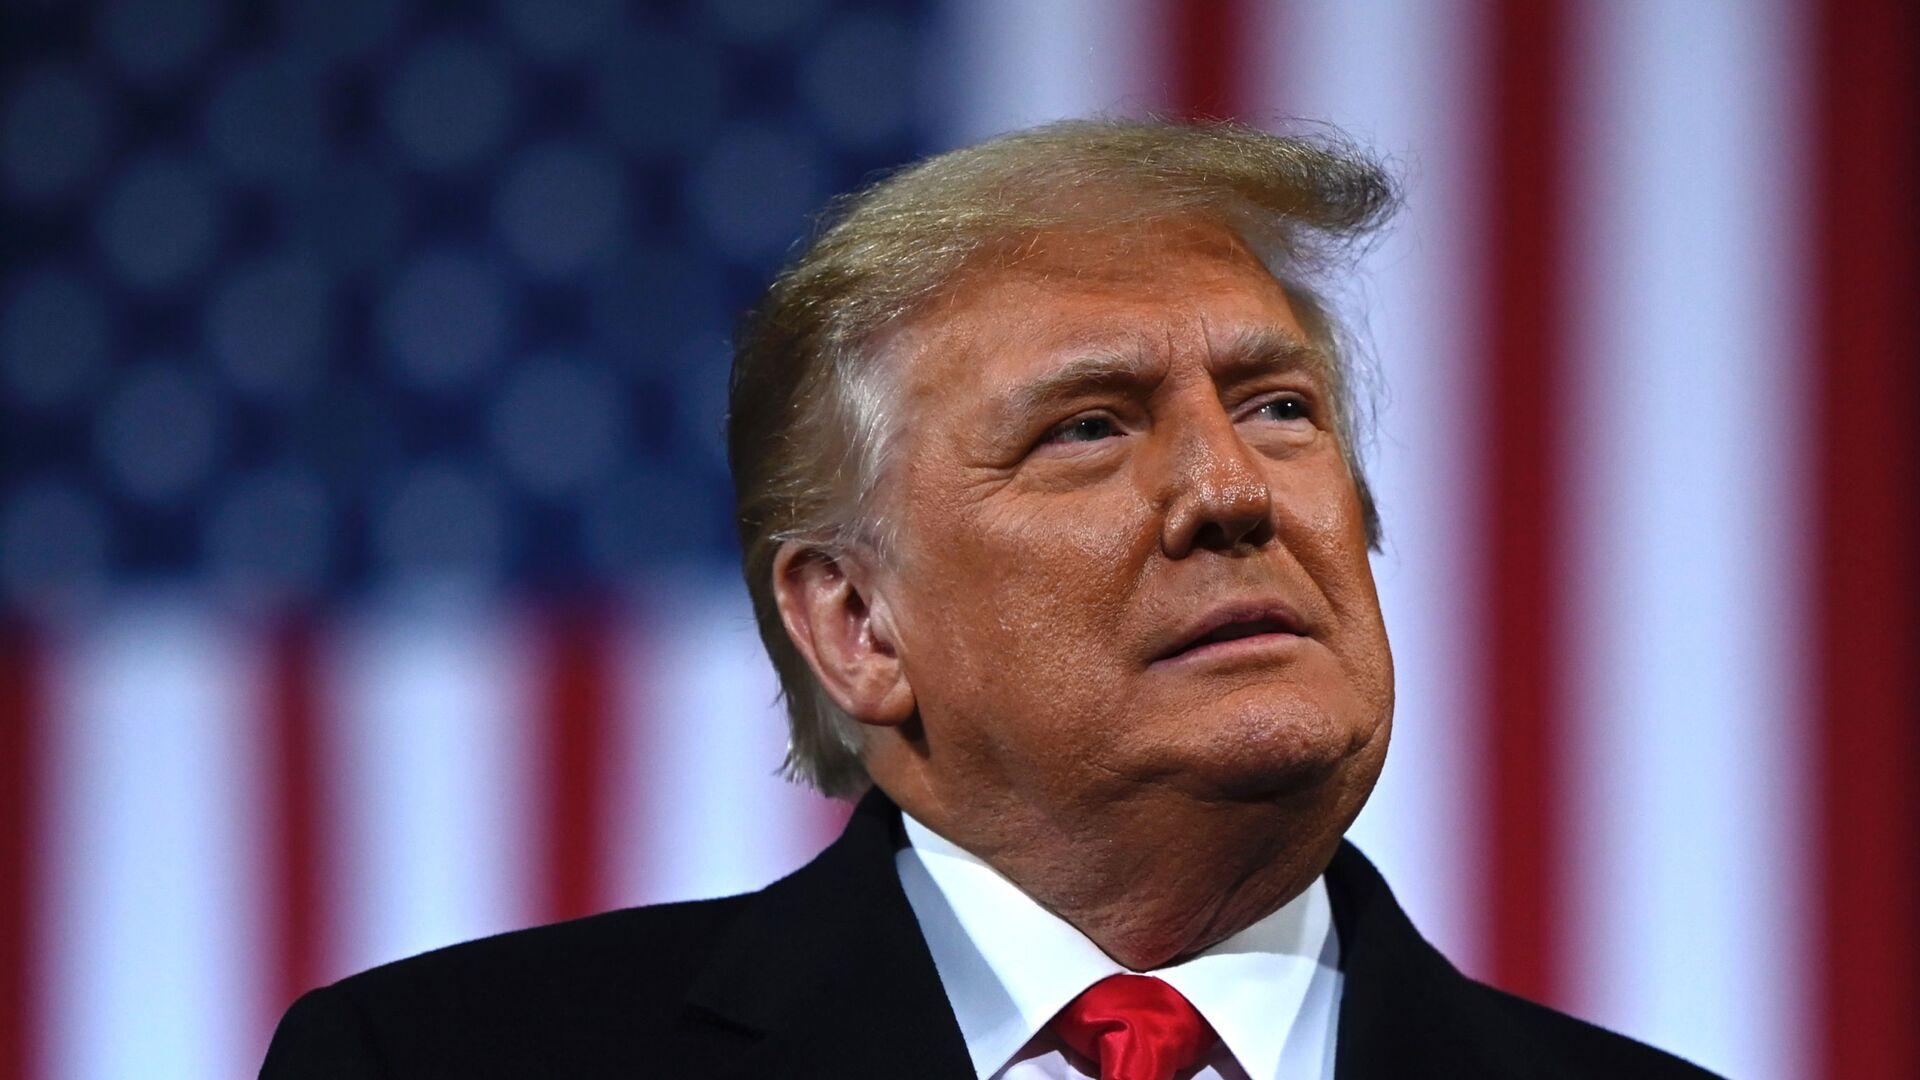 Donald Trump, presidente de EEUU - Sputnik Mundo, 1920, 13.02.2021